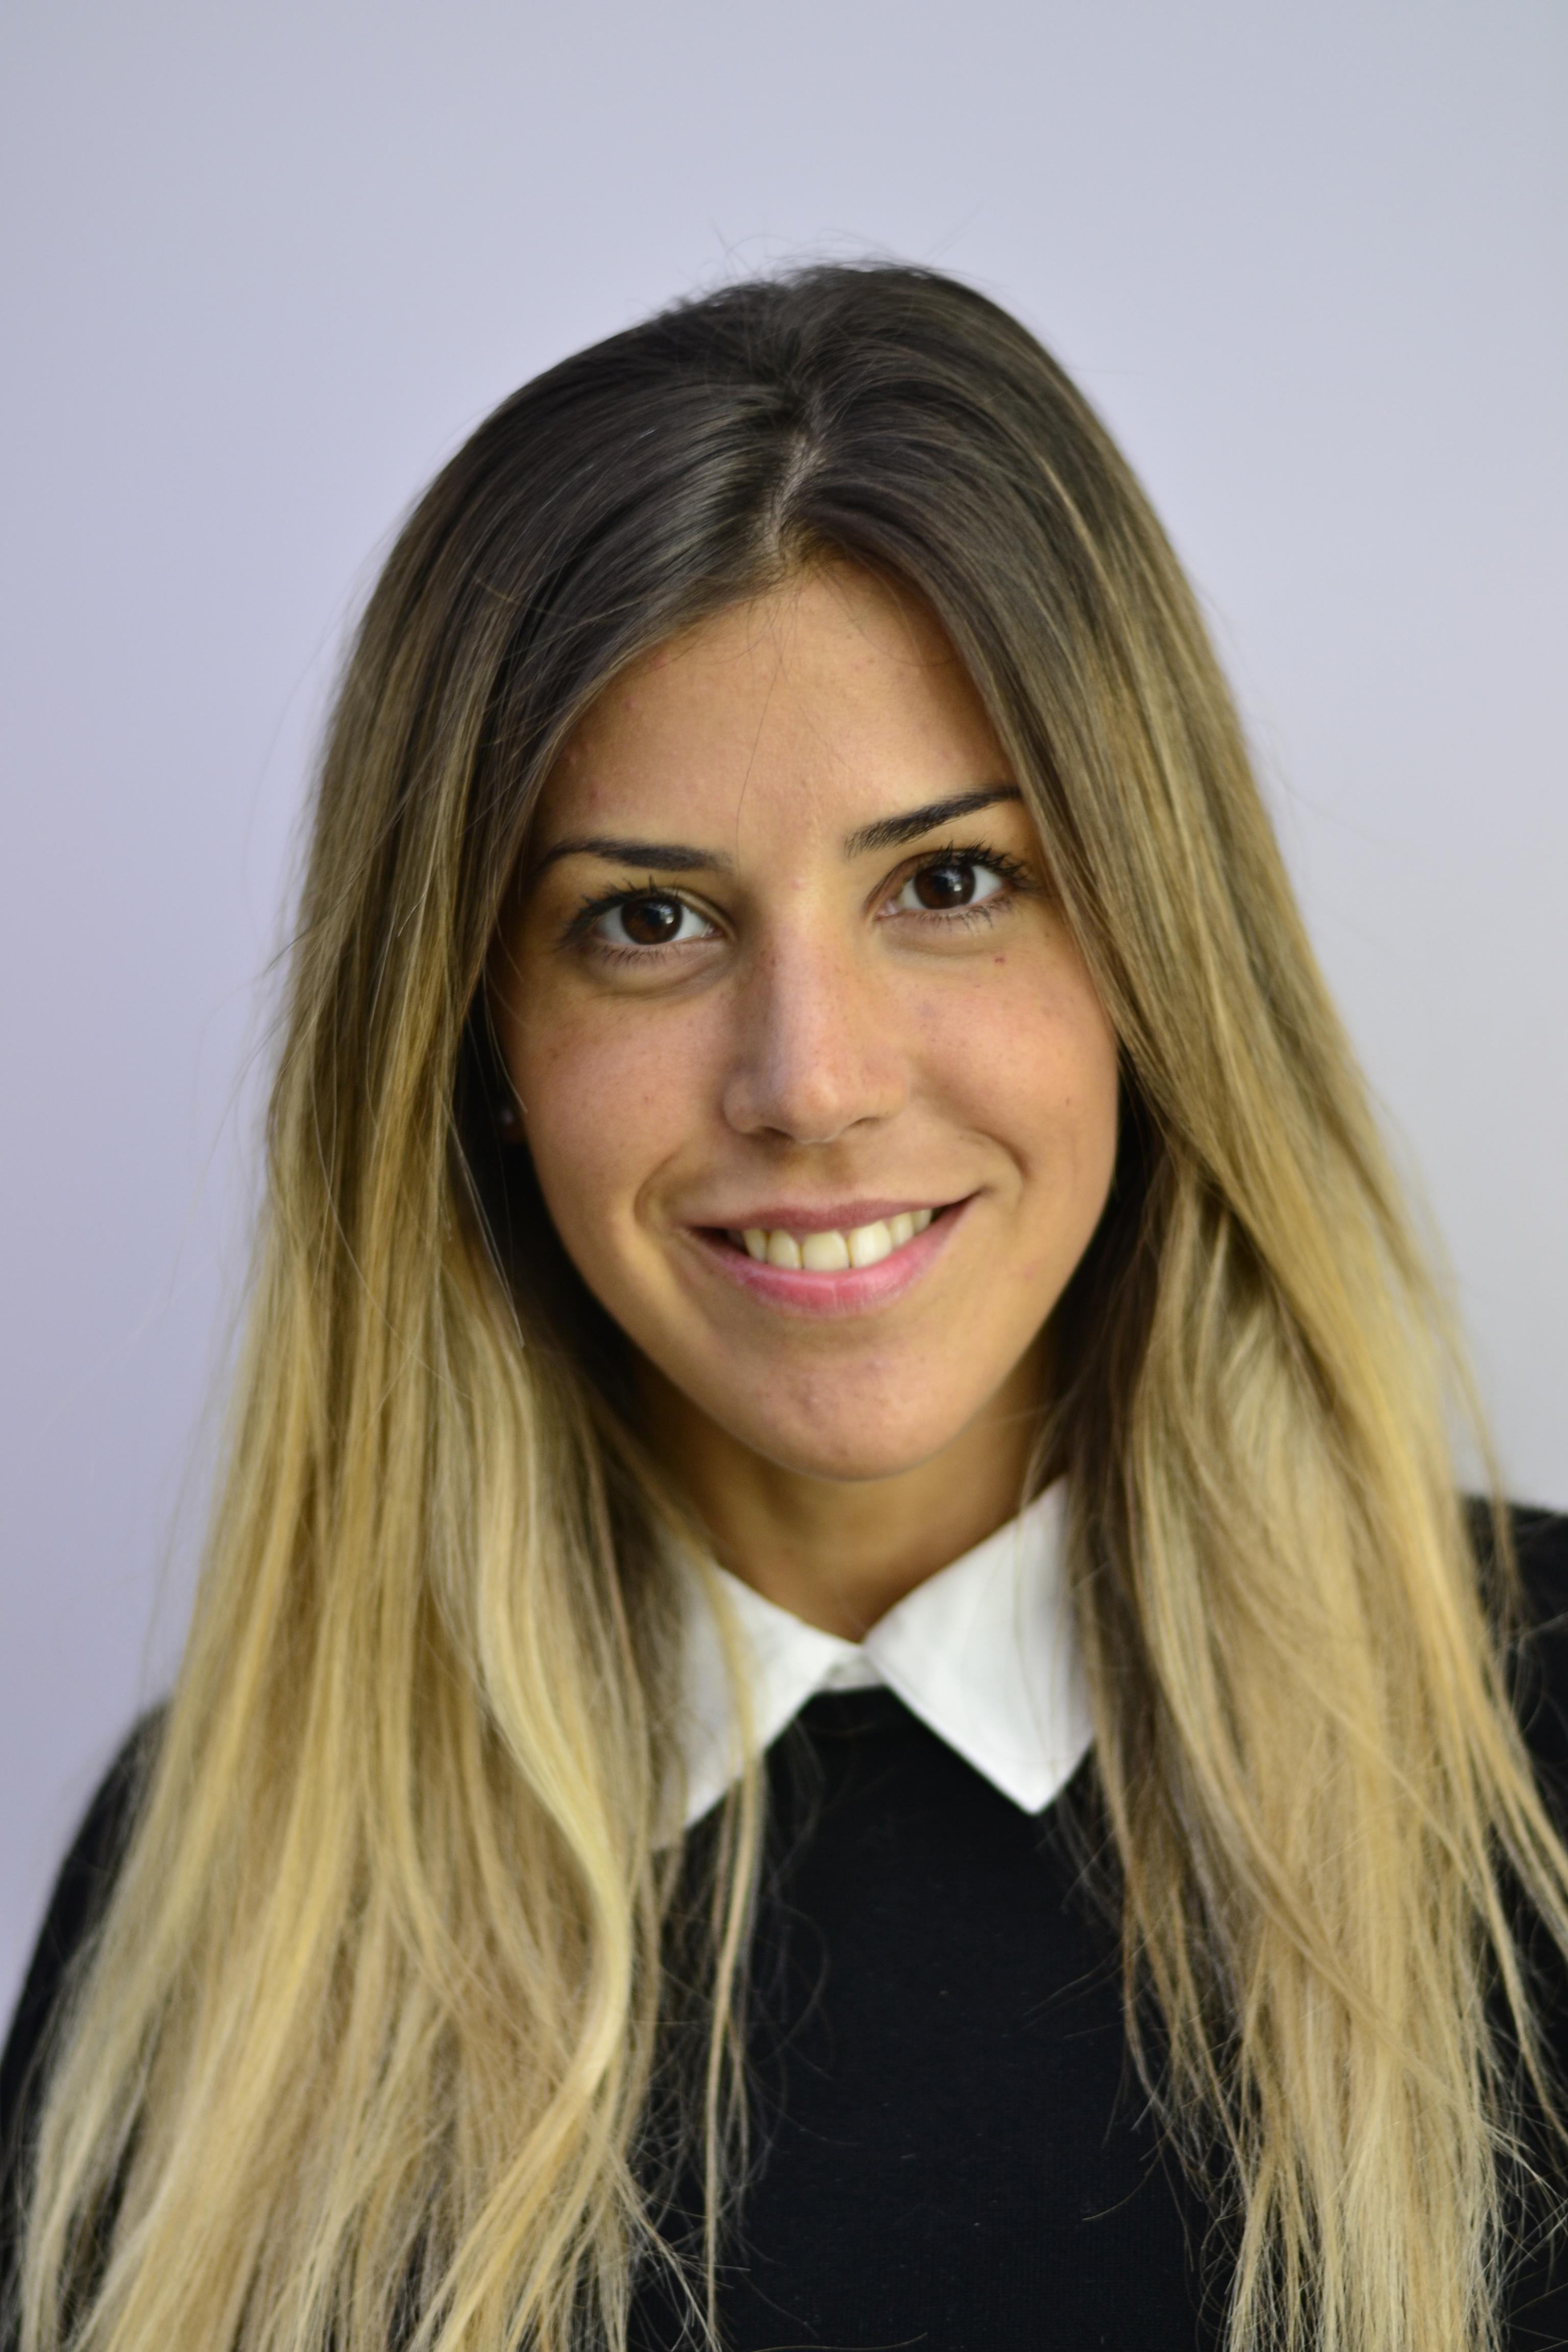 María Schmiegelow